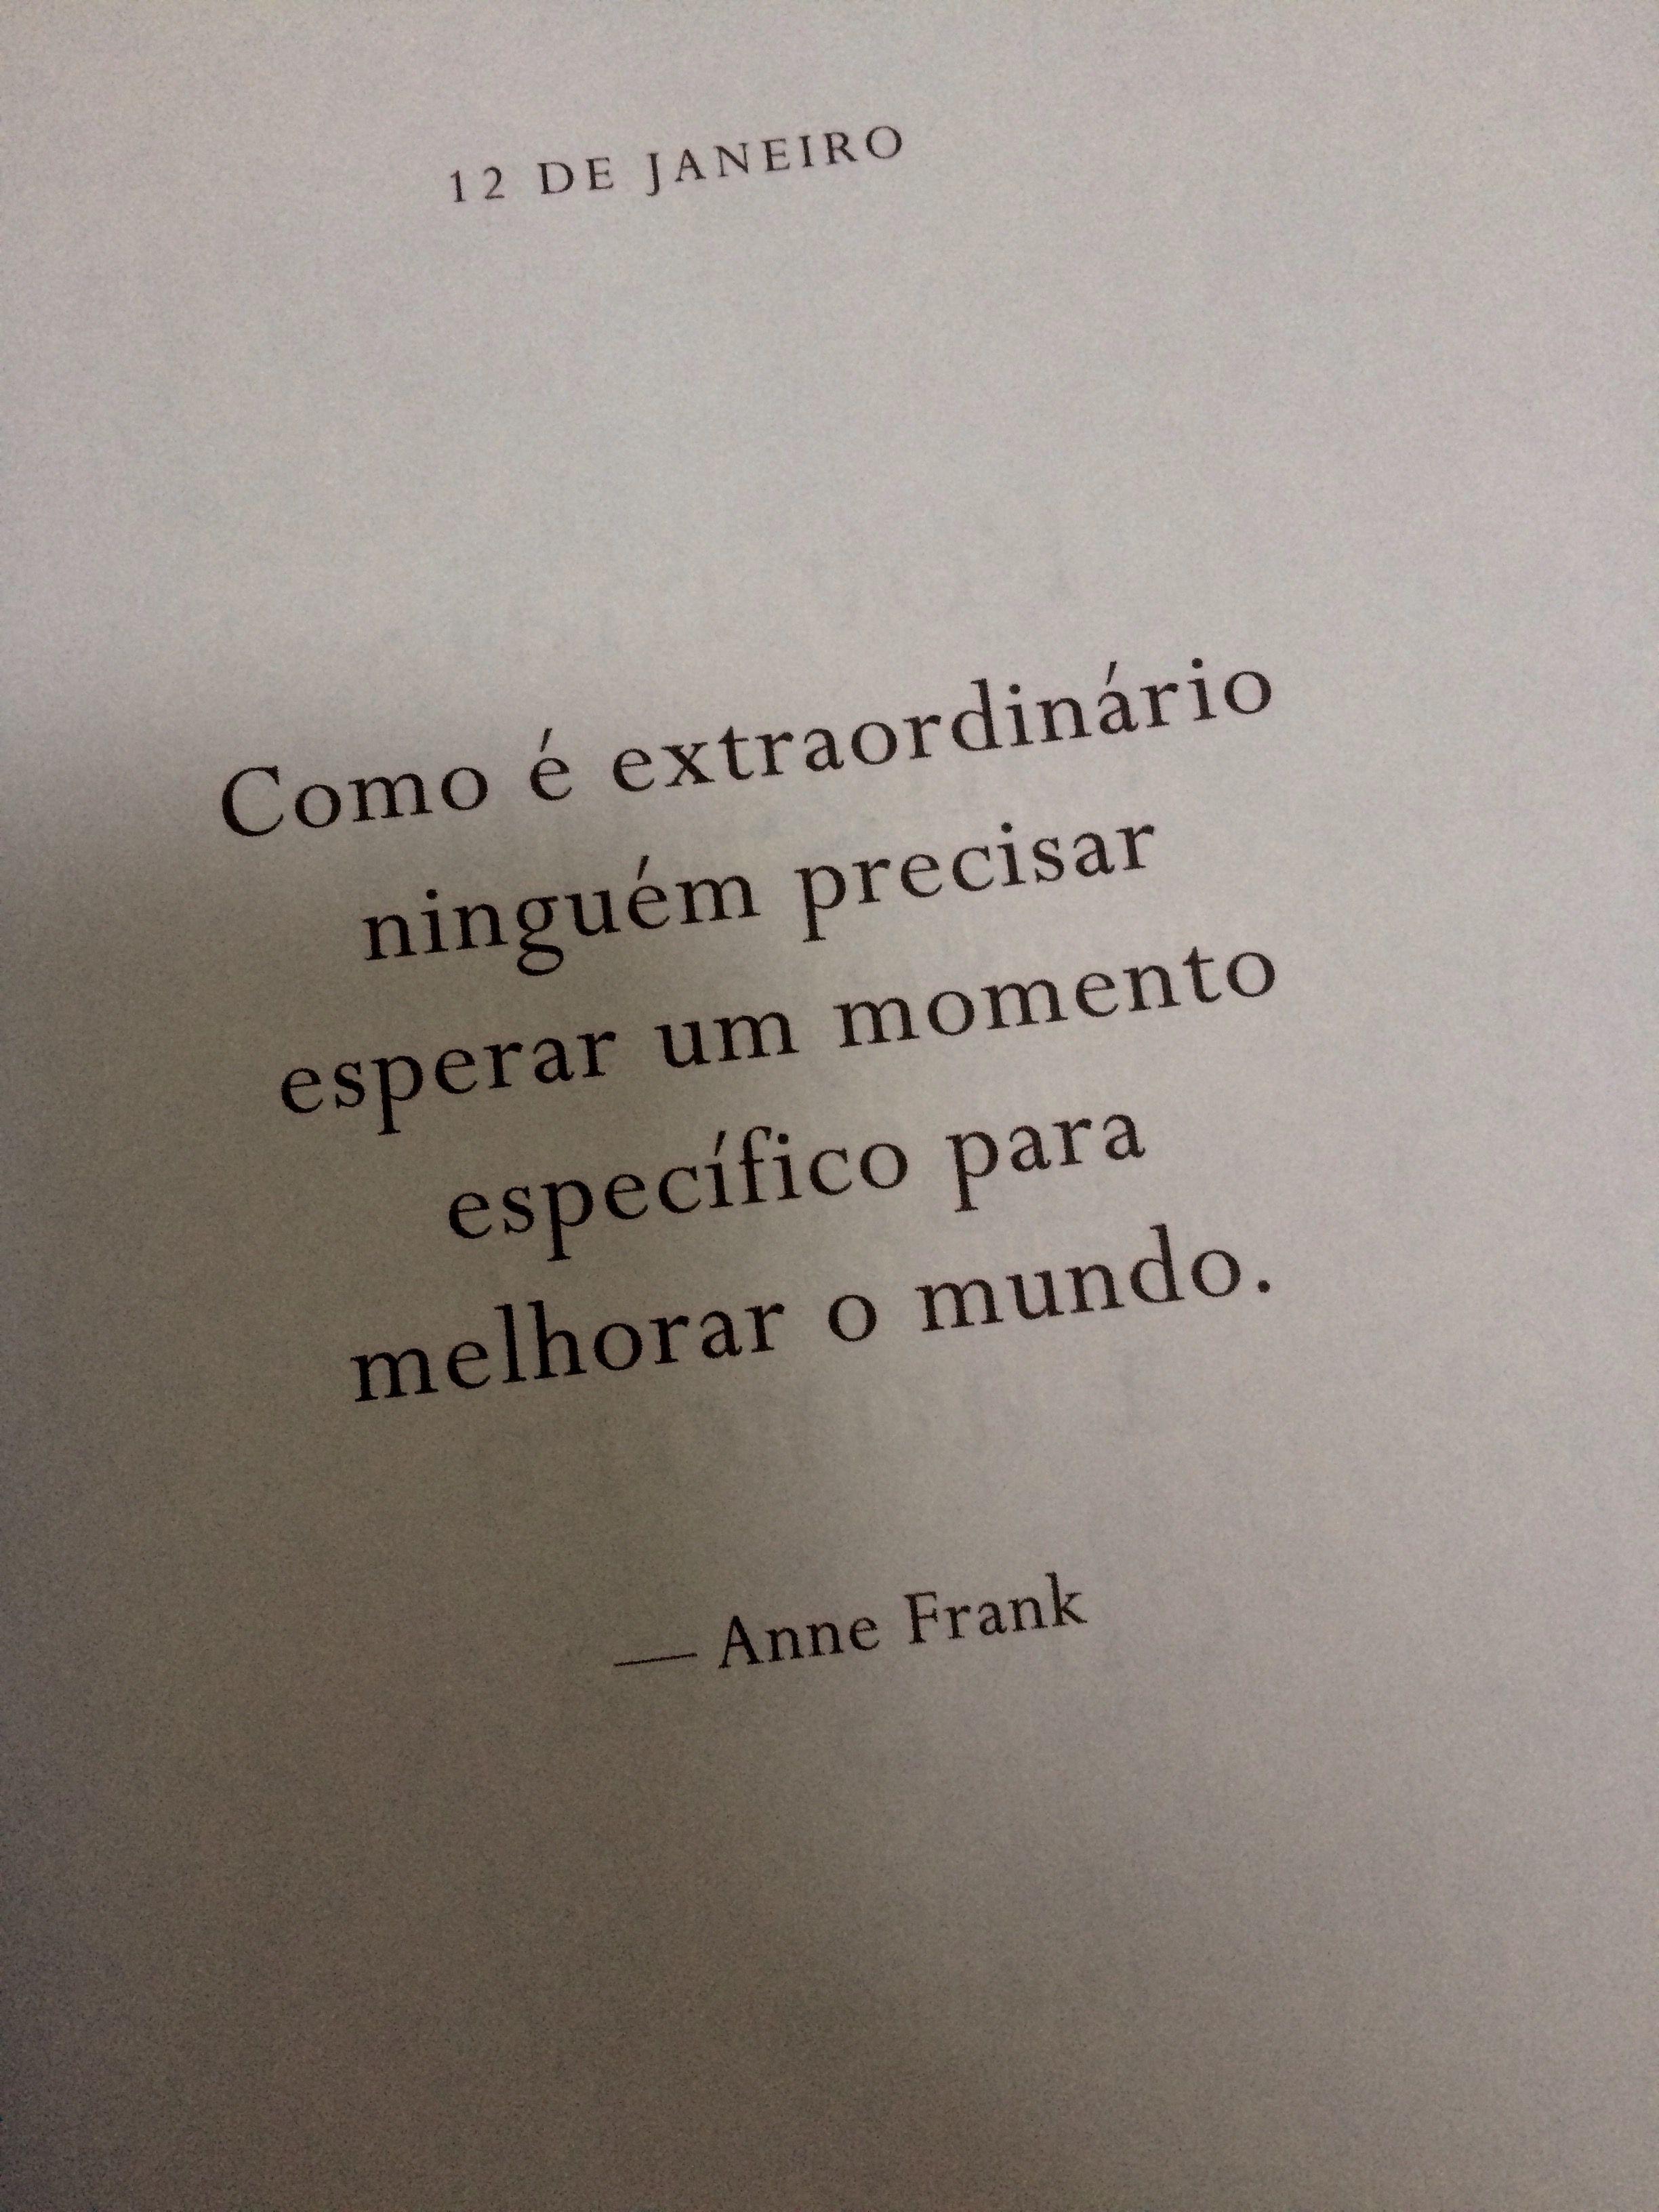 Anne Frank Frases Citações Reflexões Citações Pensamentos E